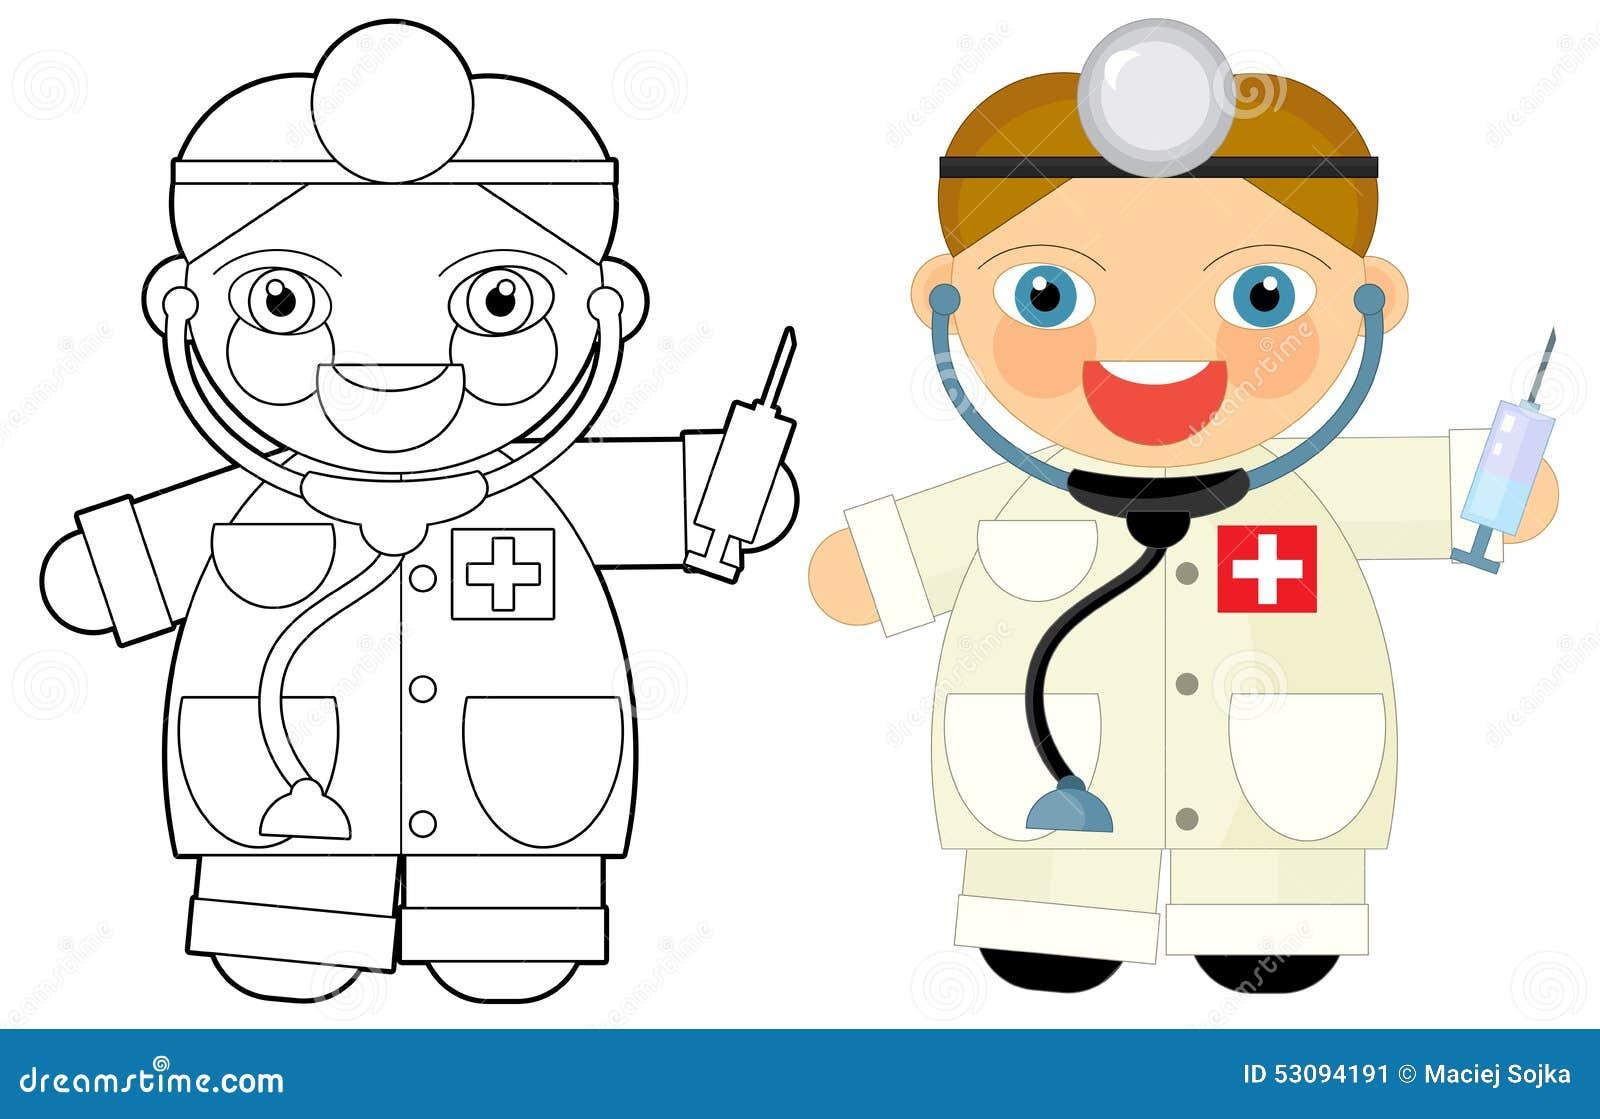 Personaje De Dibujos Animados - Doctor - Libro De Colorear ...